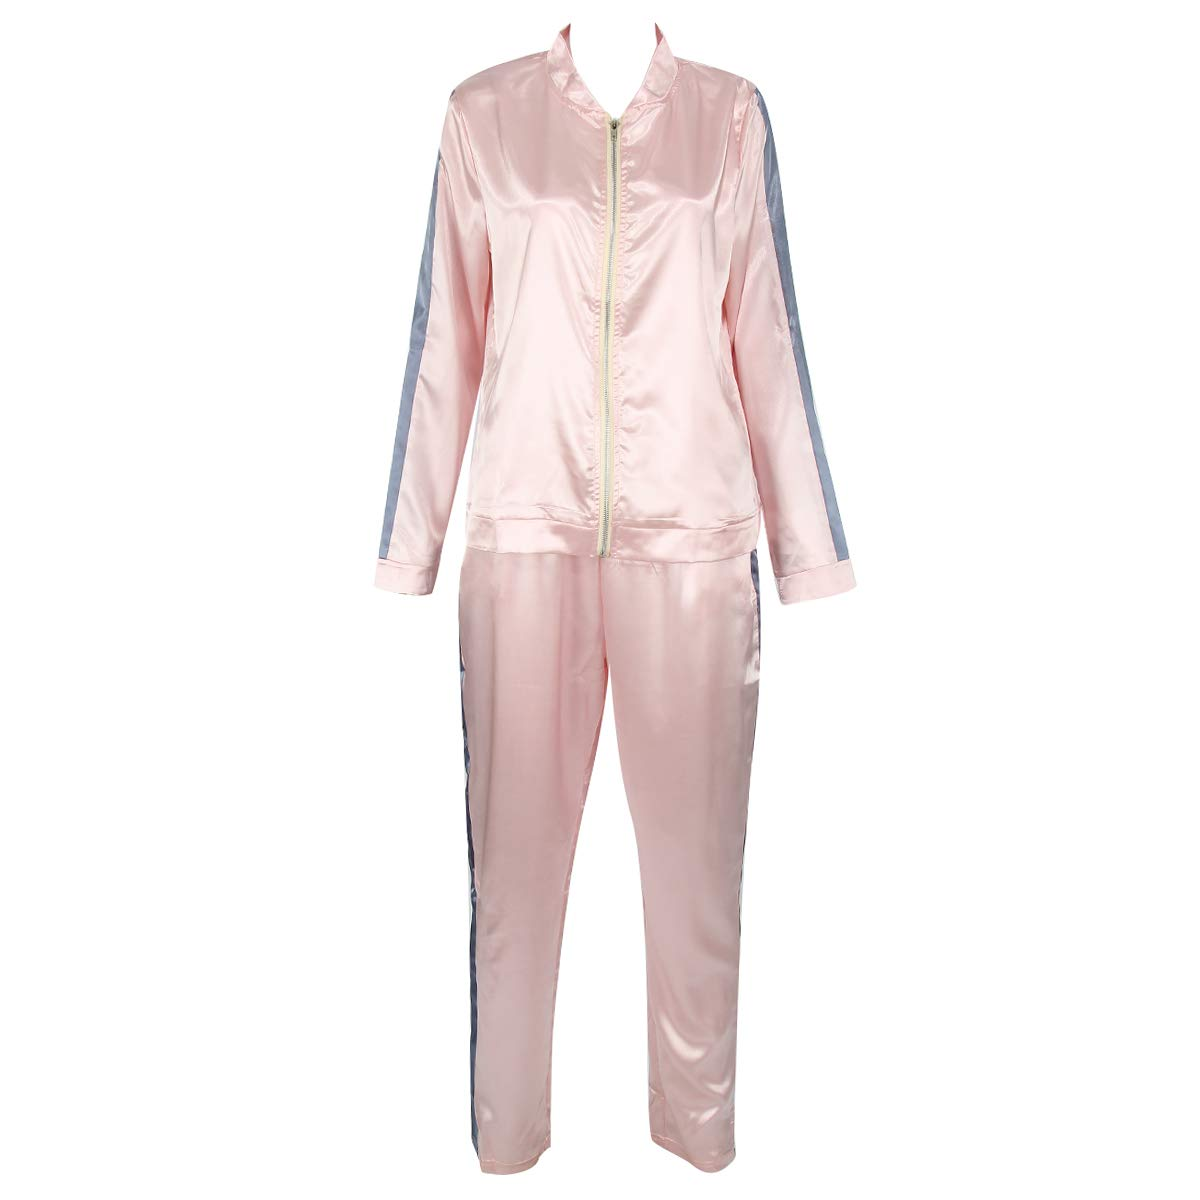 Chennie Damen Sportbekleidung mit Reißverschluss + lässige Hose für Training, Fitness, Workout, Yoga, 2 Stück